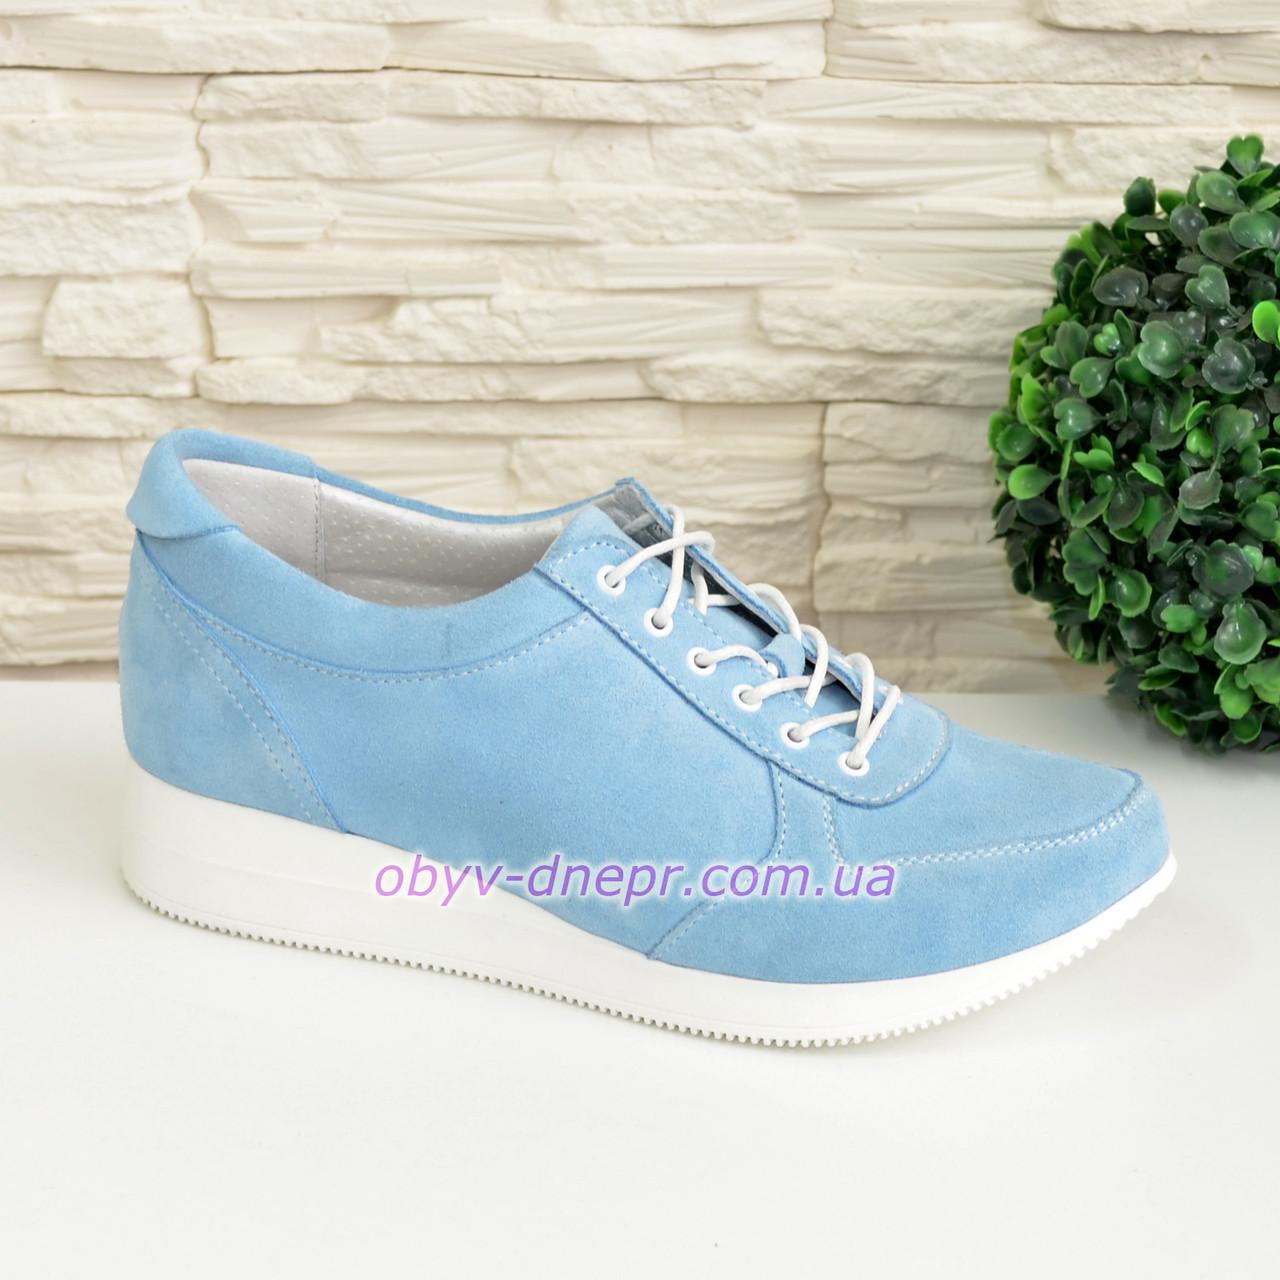 Стильные замшевые туфли-кроссовки женские на шнуровке, цвет голубой